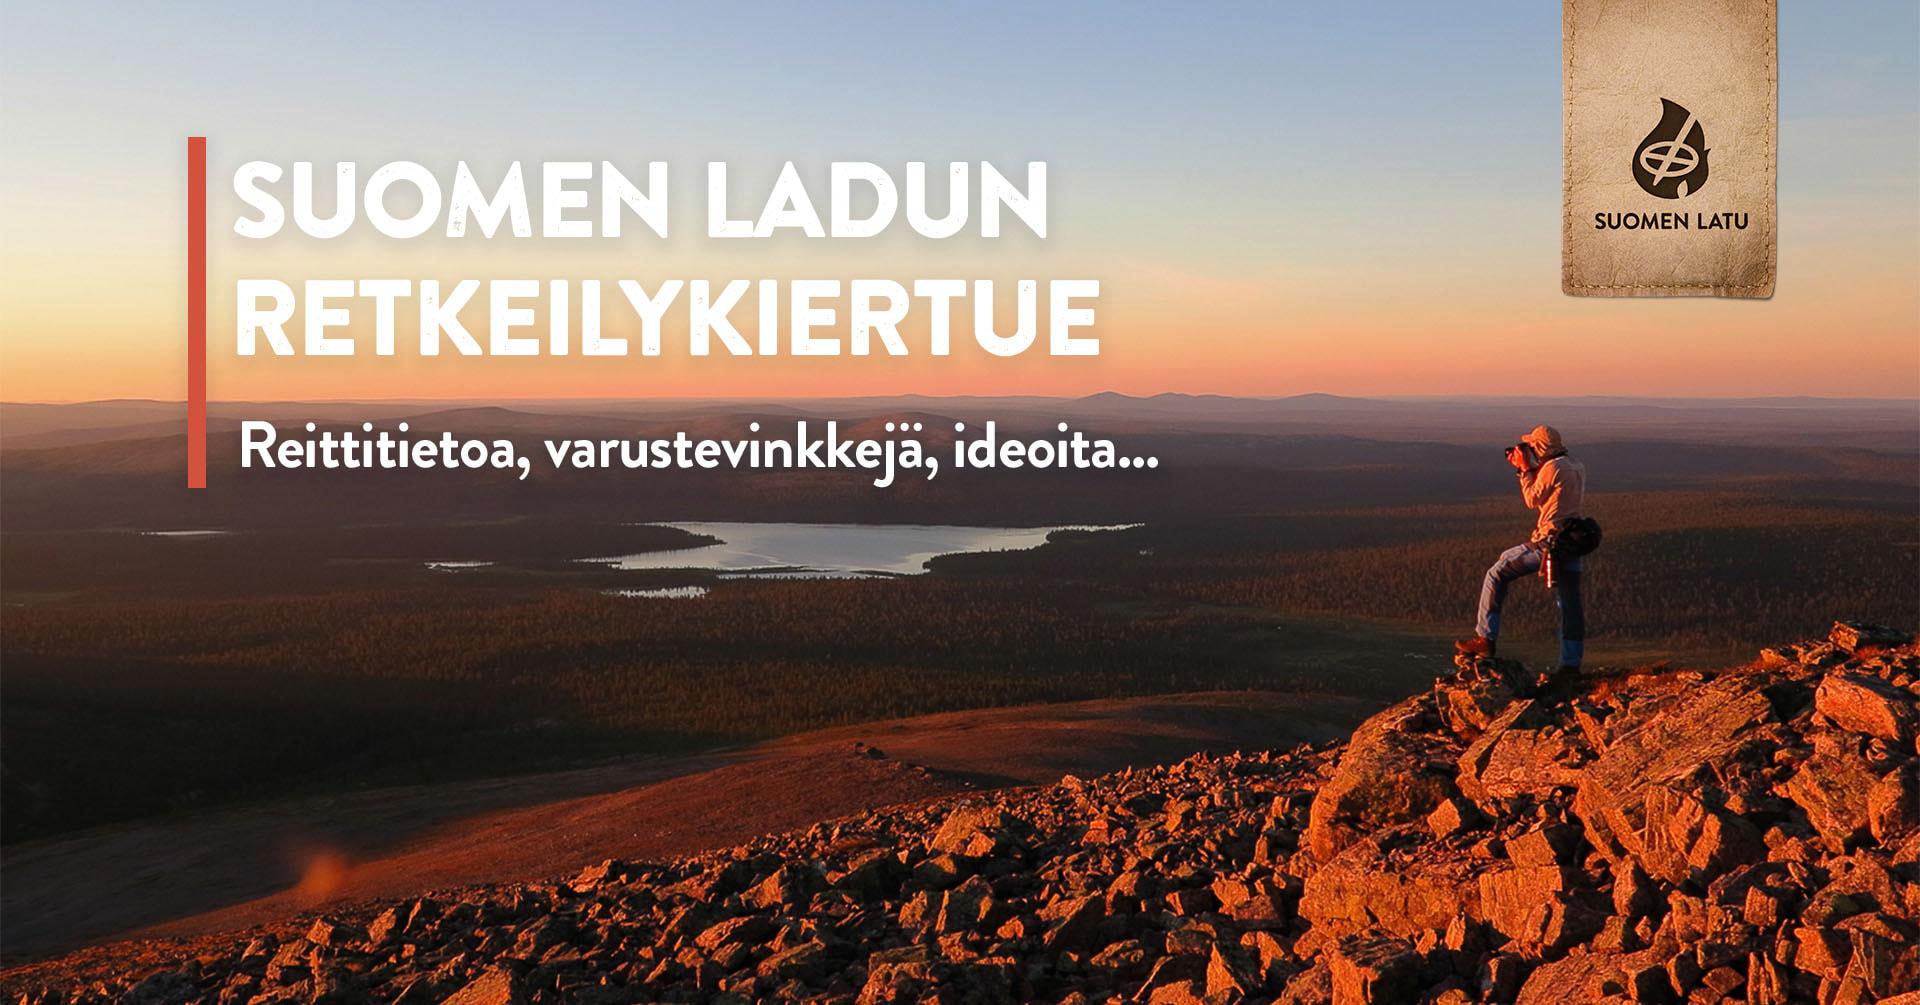 Suomen Ladun retkeilykiertue